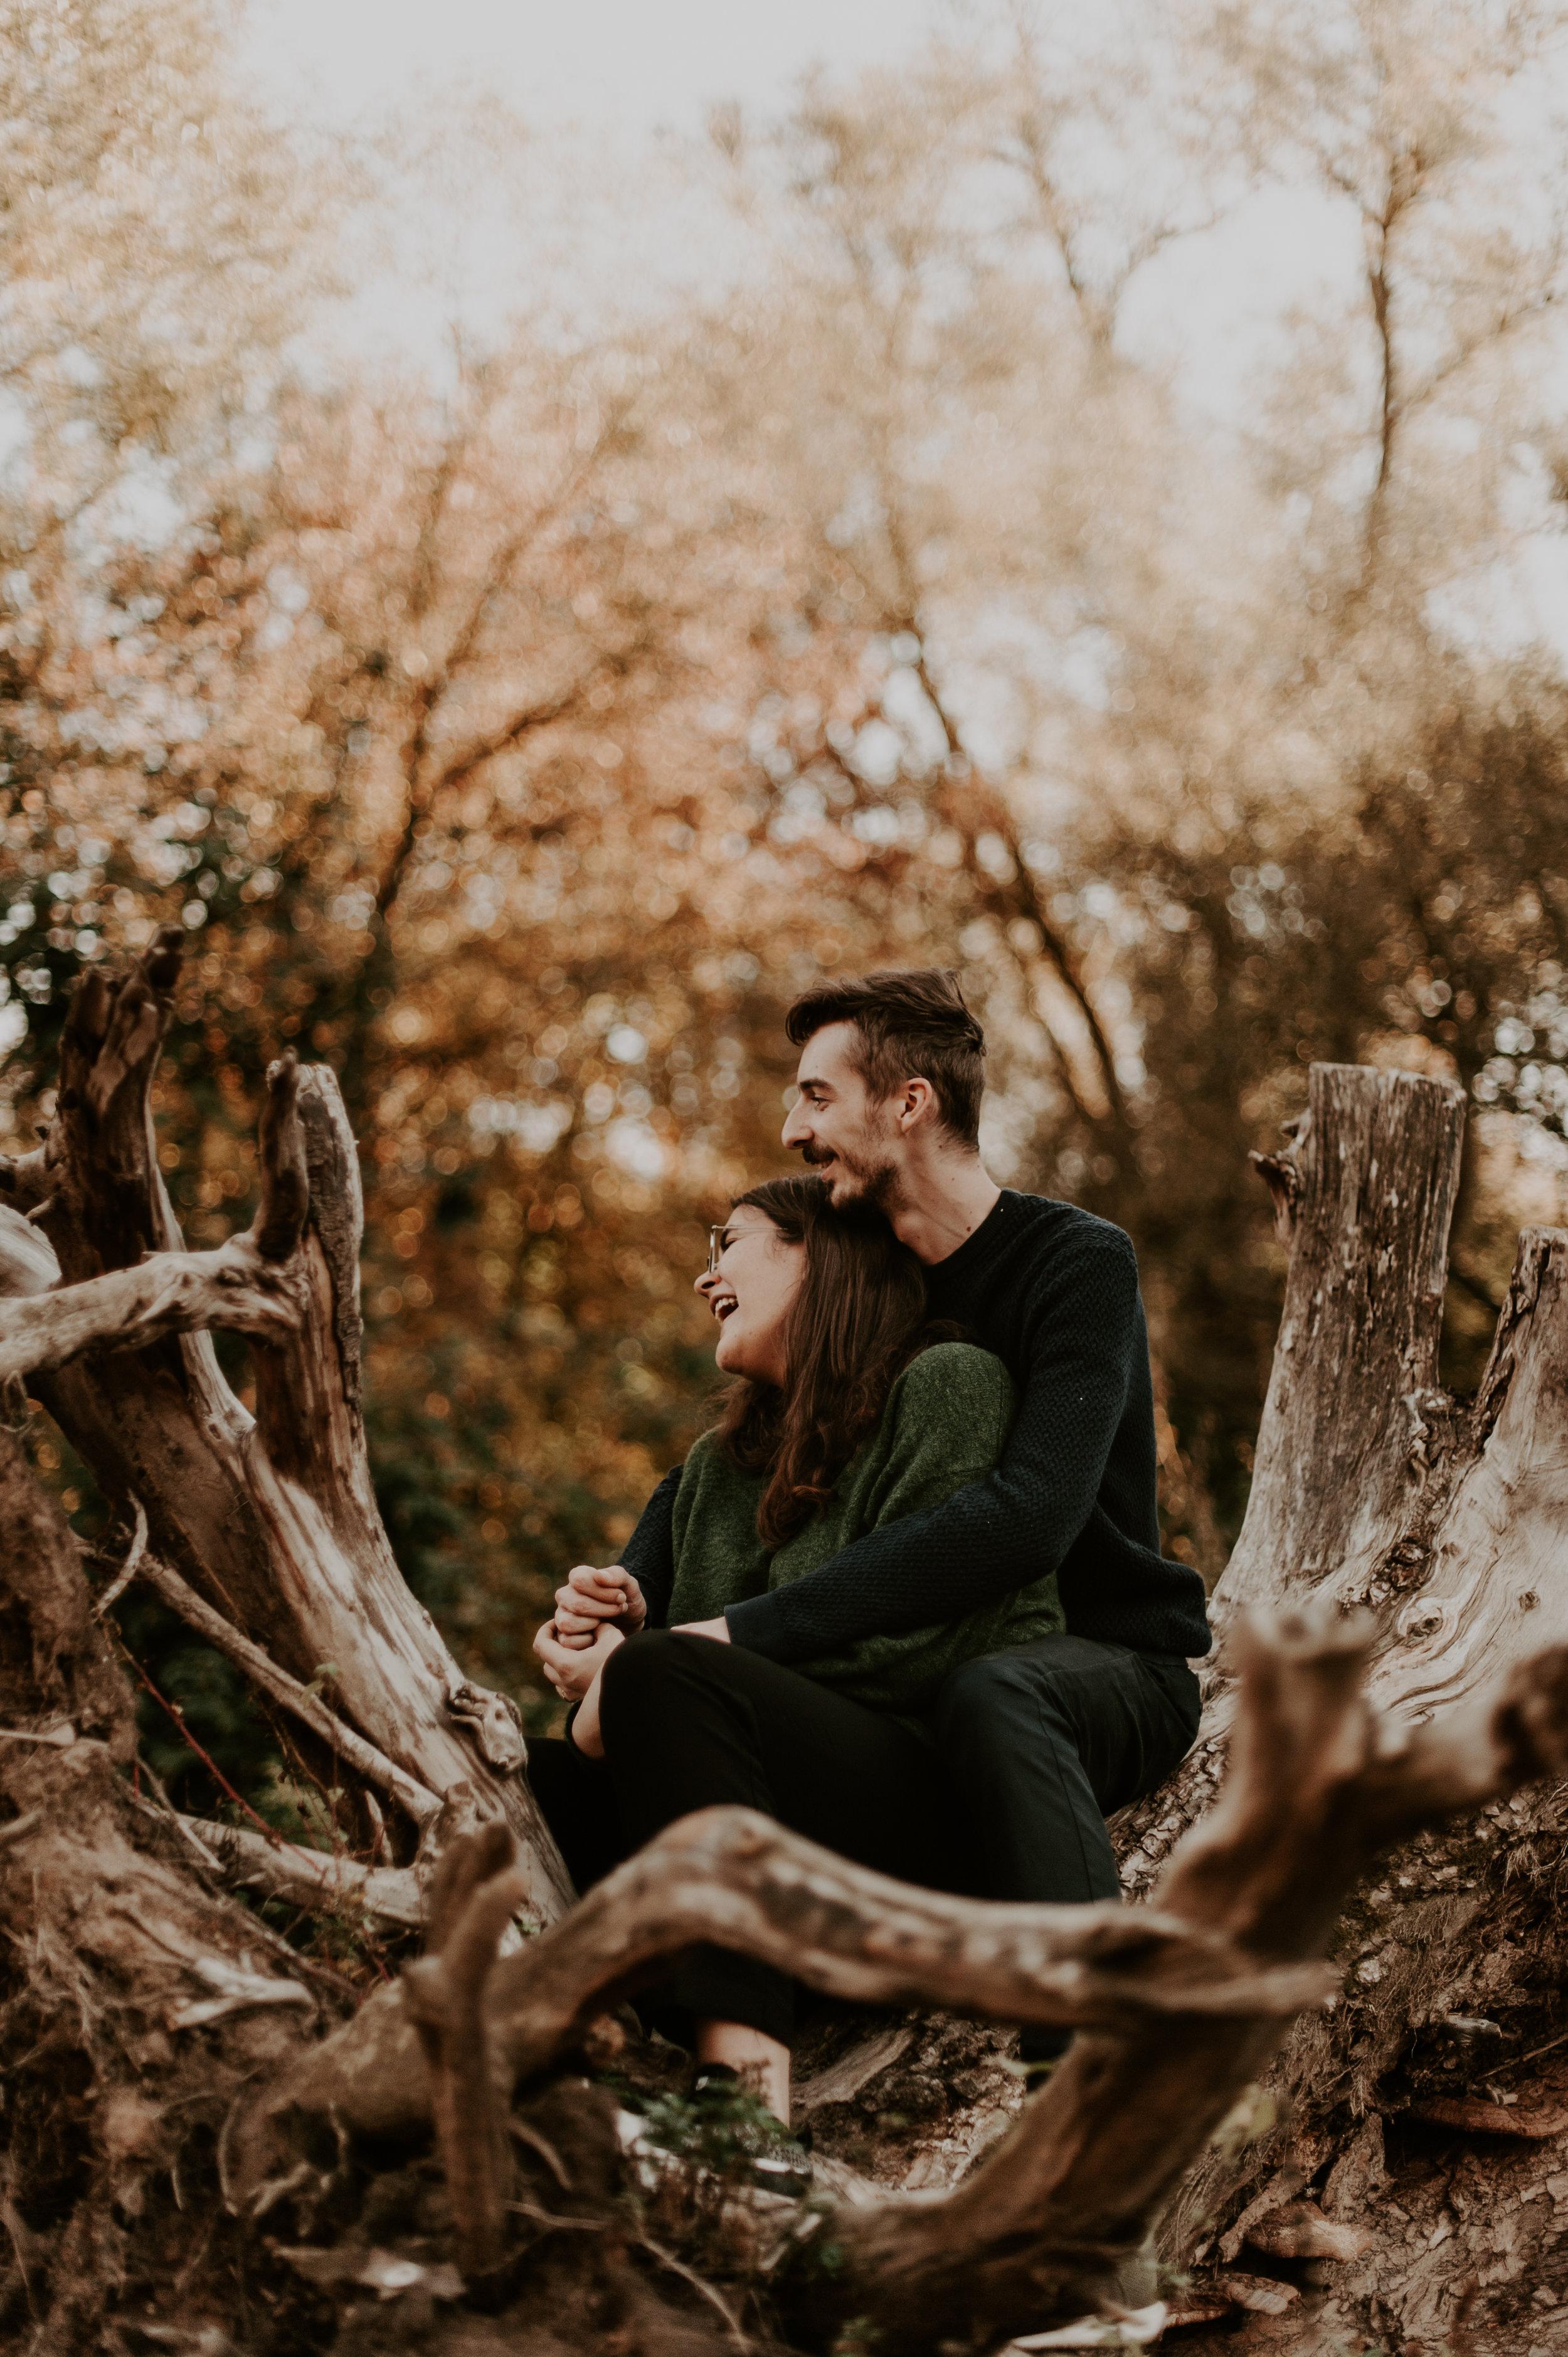 NADIA & QUENTIN - Une séance couple dont nous garderons un excellent souvenir.Lucile a su nous mettre à l'aise derrière l'objectif et le résultat est tout simplement superbe. Une vraie pro de la photo !